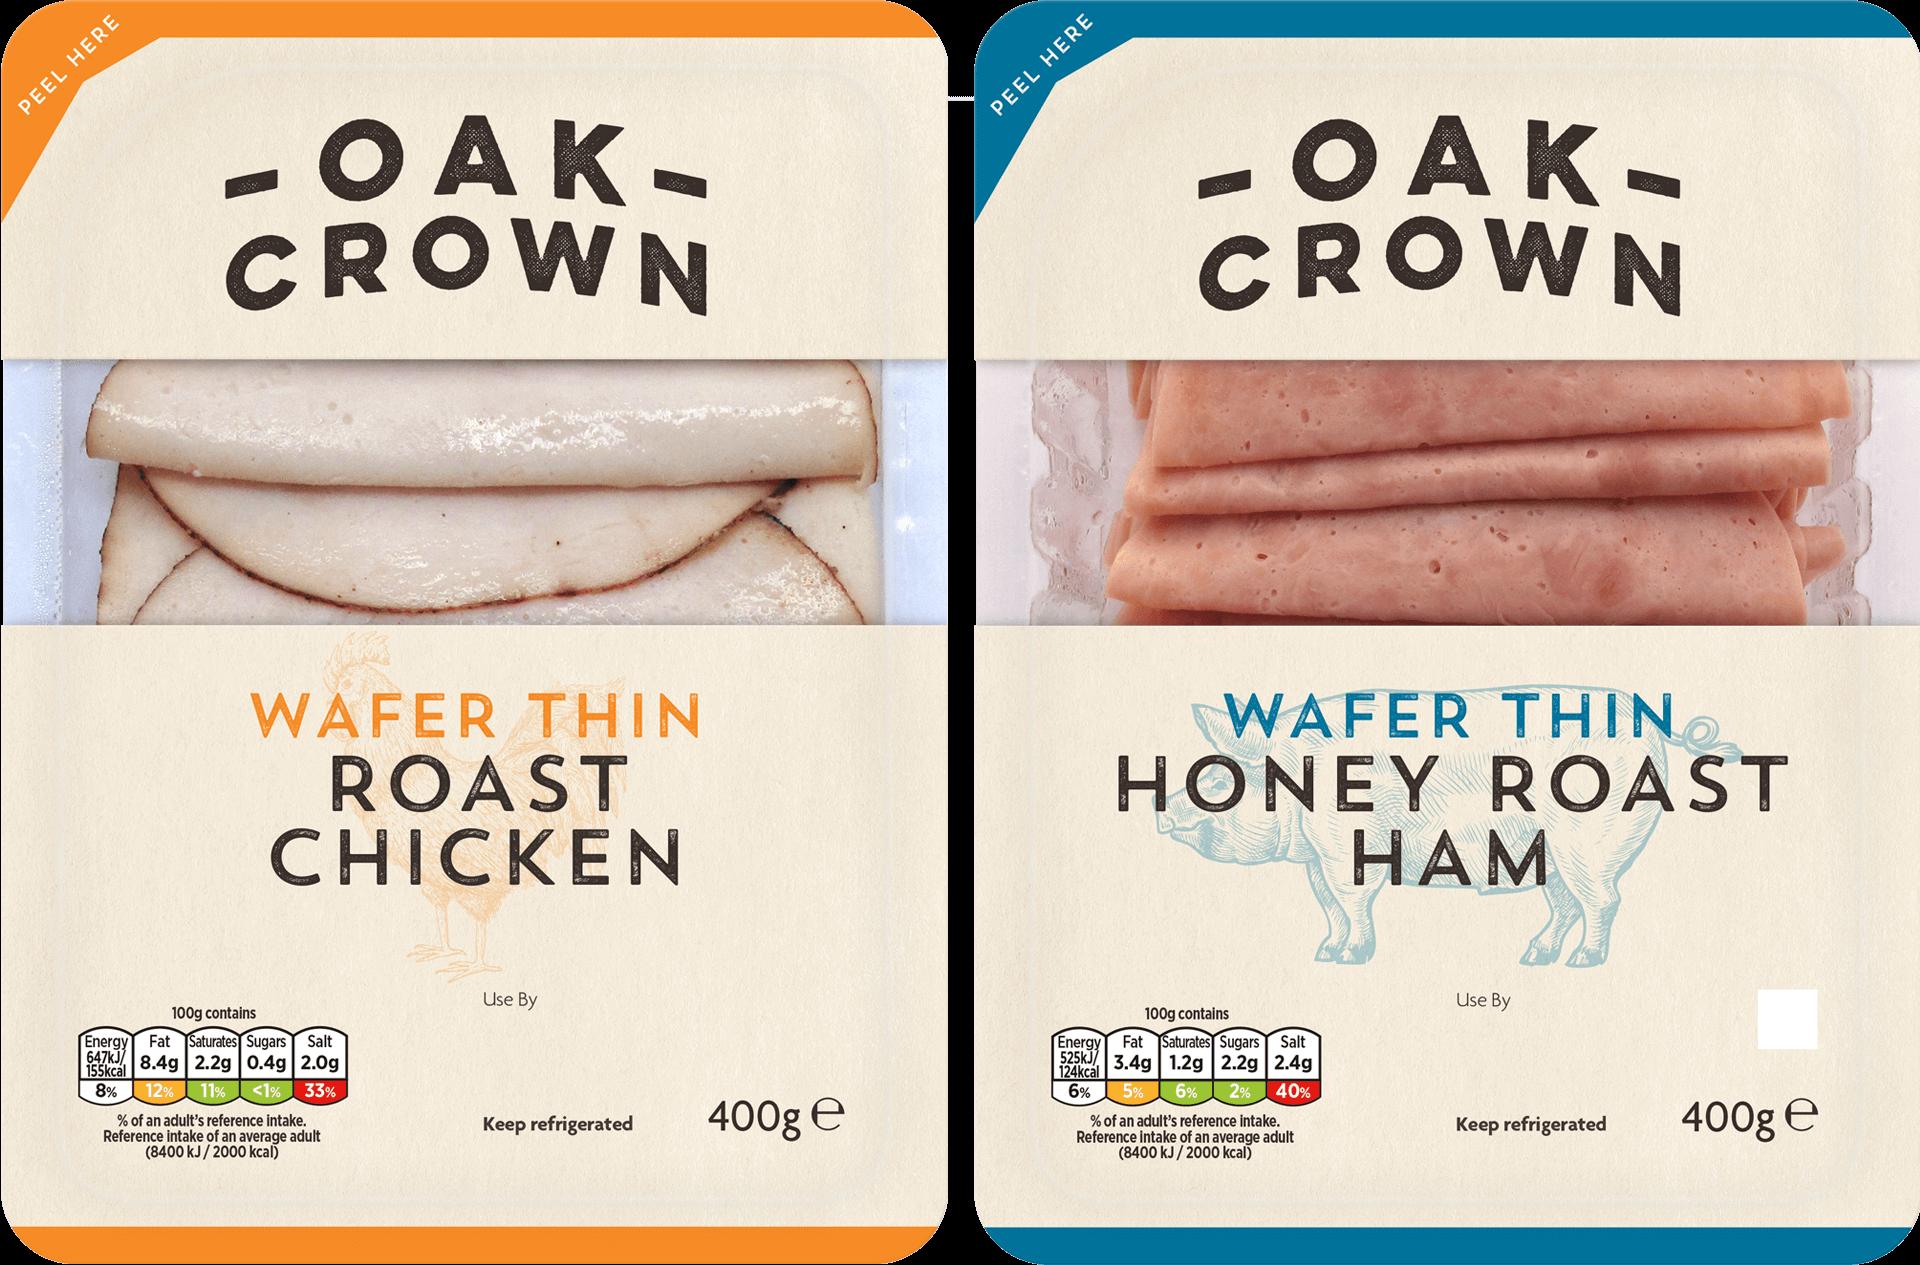 tulip oak crown packaging